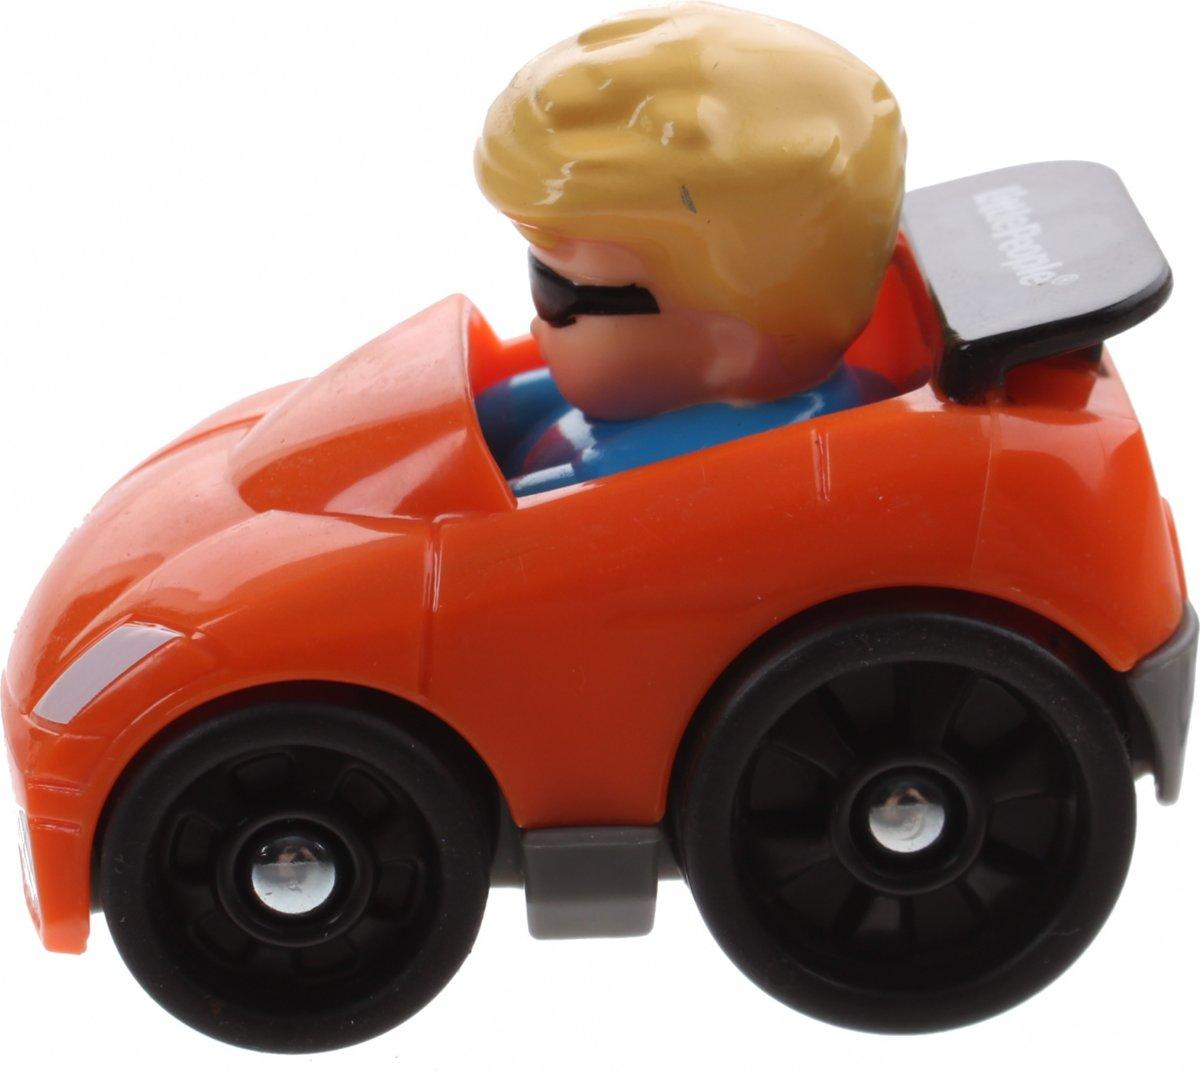 Fisher-price Little People Wheelies Auto 6,5 Cm Oranje (bgc64)